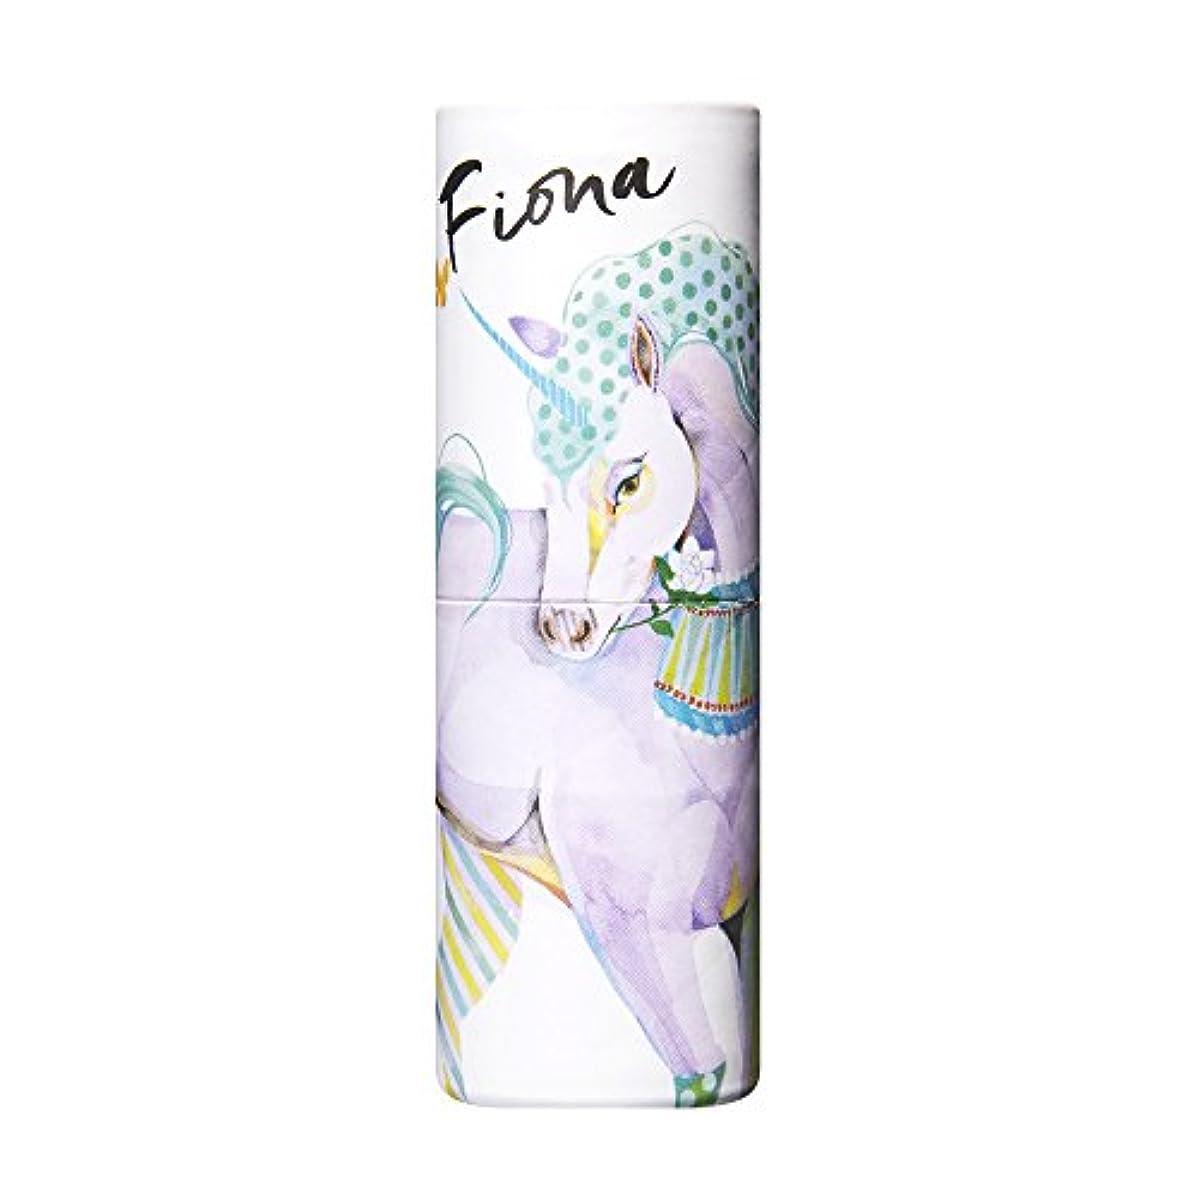 熱望する眉をひそめる邪魔するヴァシリーサ パフュームスティック フィオナ ユニコーン  練香水 5g